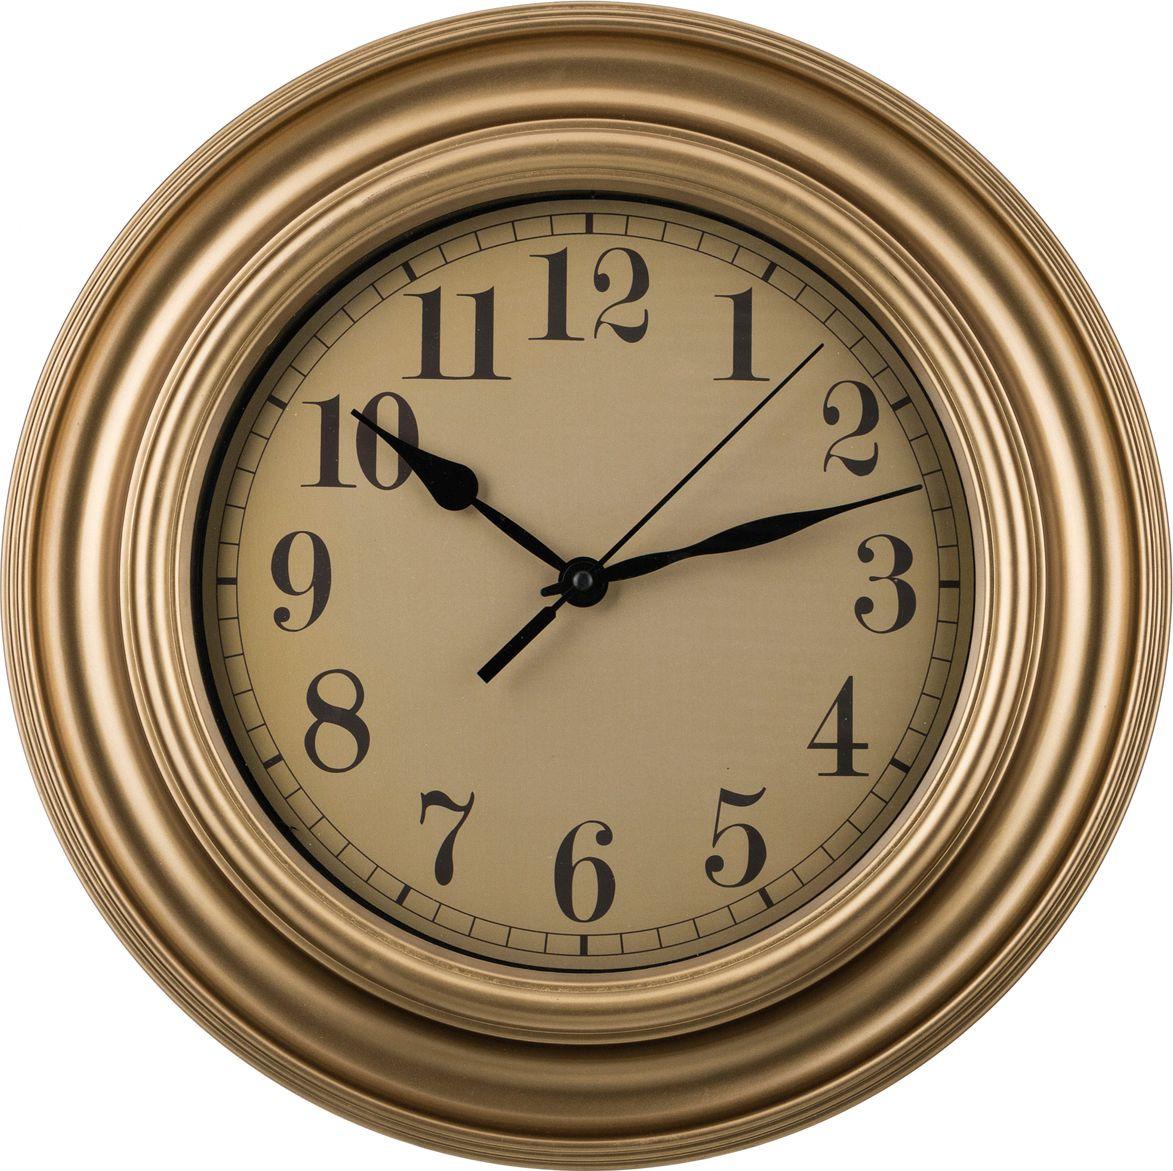 Настенные часы Lefard Lovely Home, 220-196, 40 х 40 х 5 см часы настенные arte nuevo sweet home 21 5 см